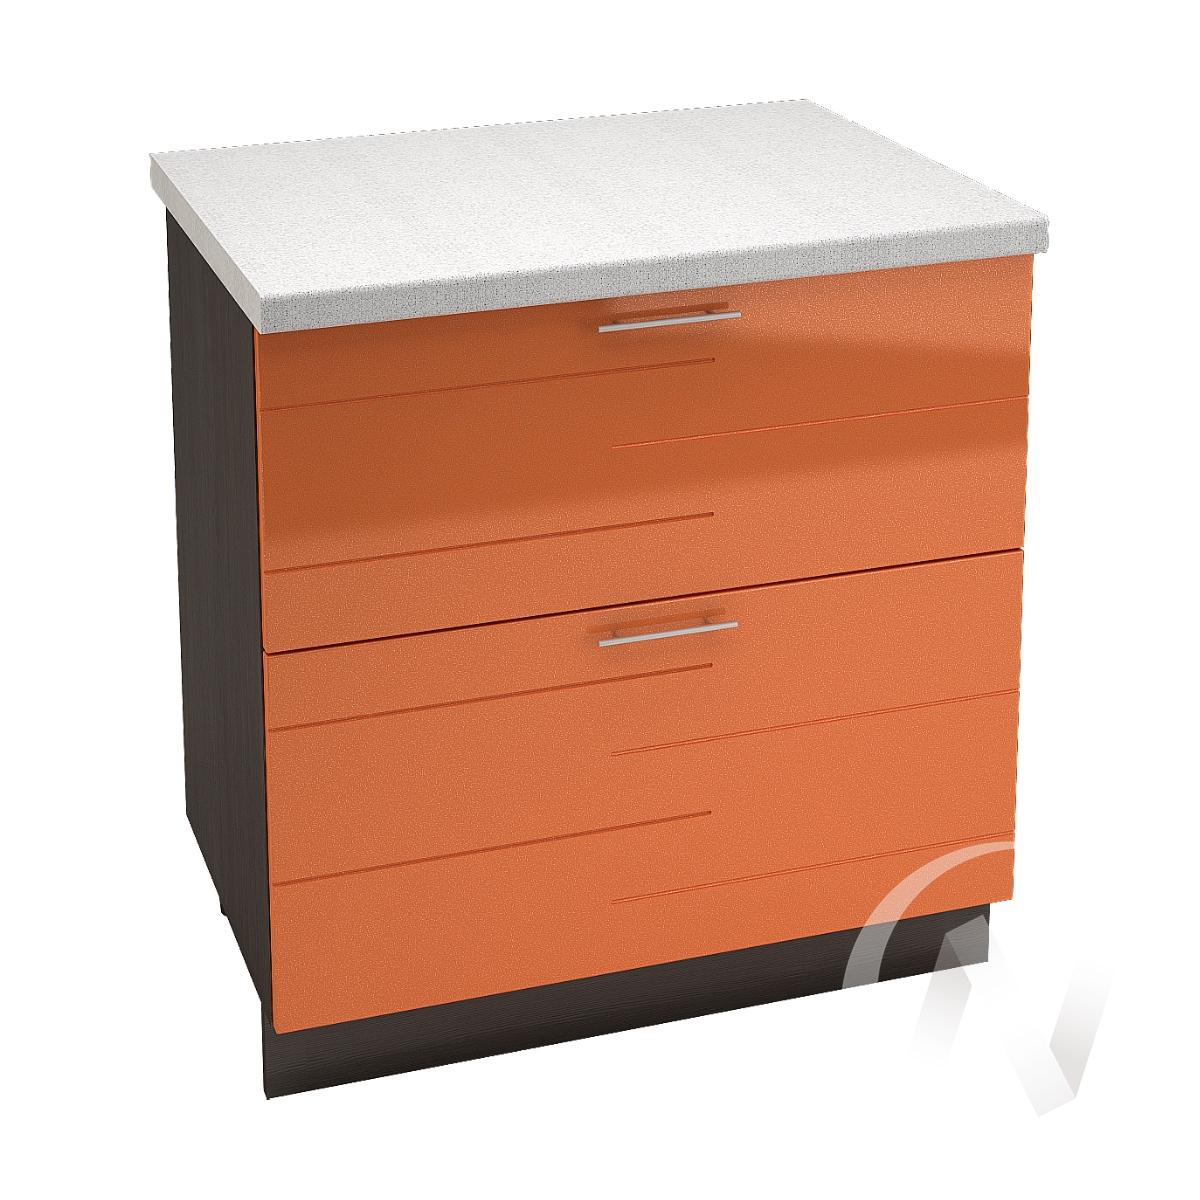 """Кухня """"Техно"""": Шкаф нижний с 2-мя ящиками 800, ШН2Я 800 (корпус венге)"""